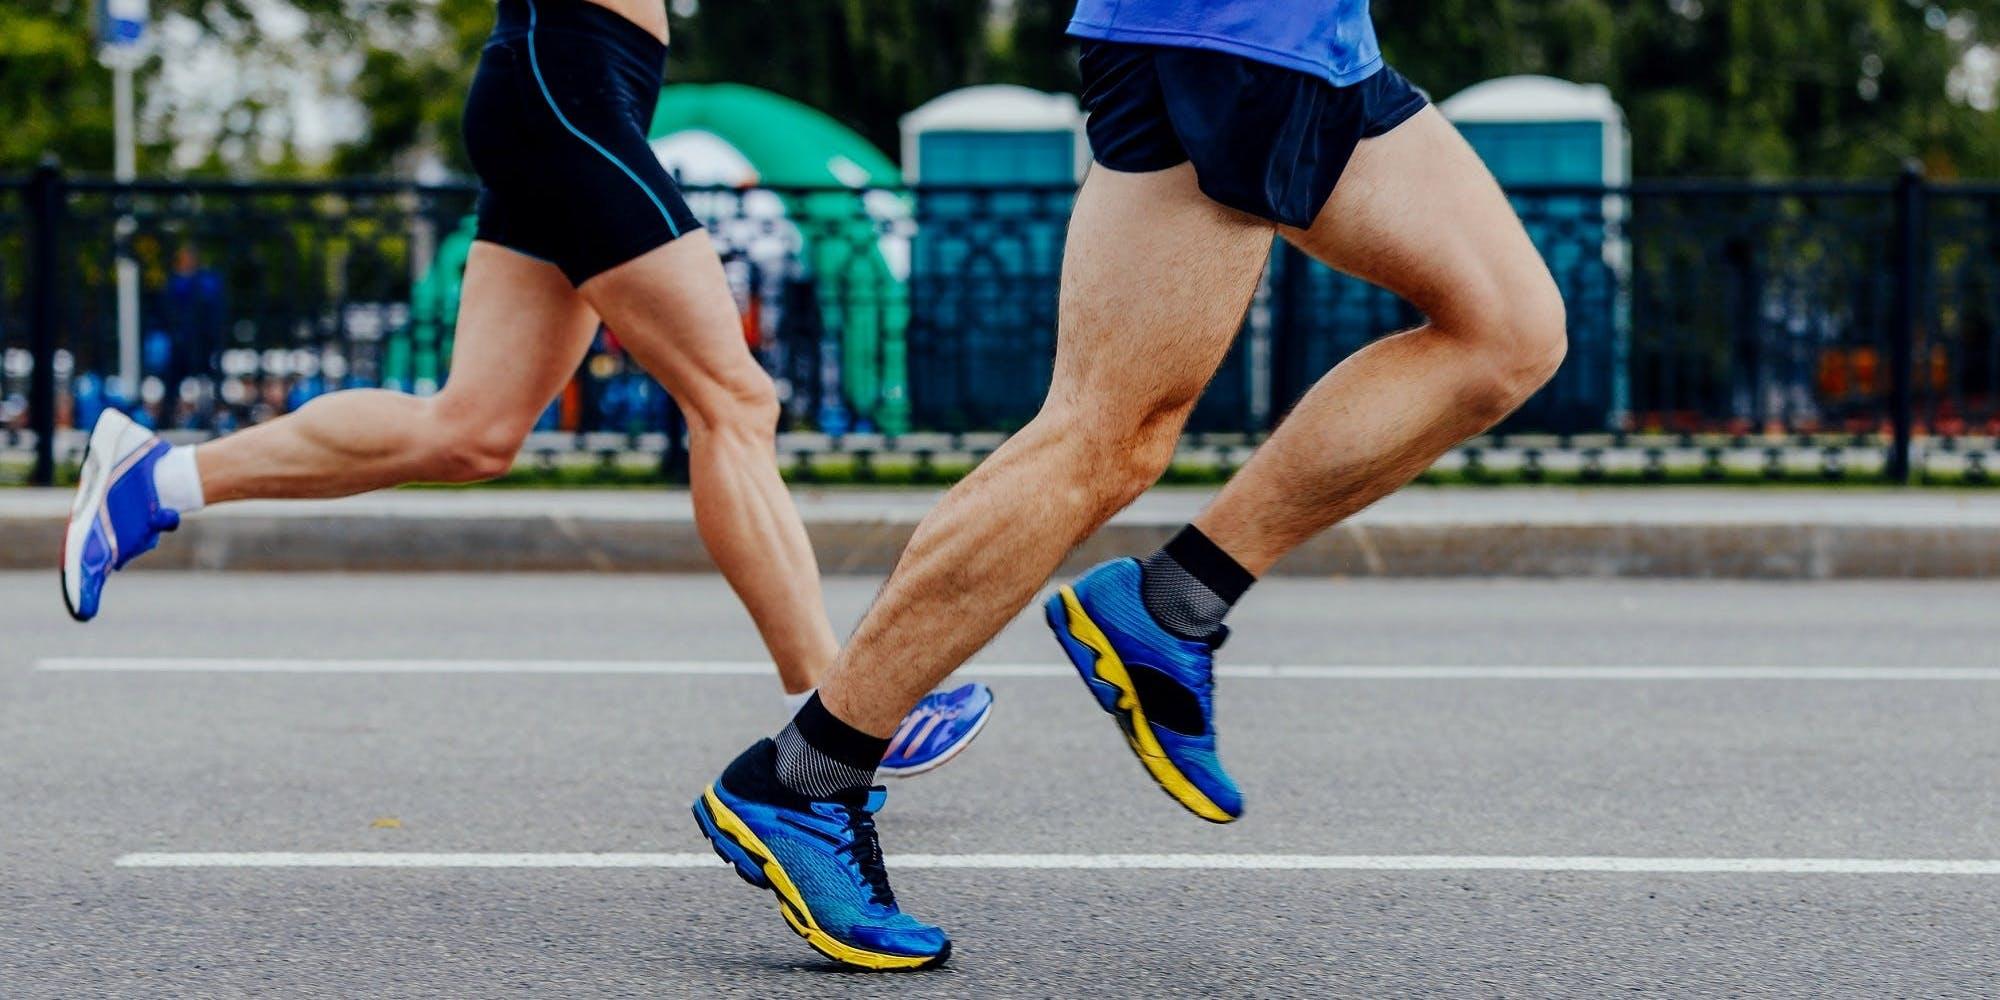 Ποιους μυς χρησιμοποιούμε όταν τρέχουμε - Όλα όσα πρέπει να γνωρίζετε